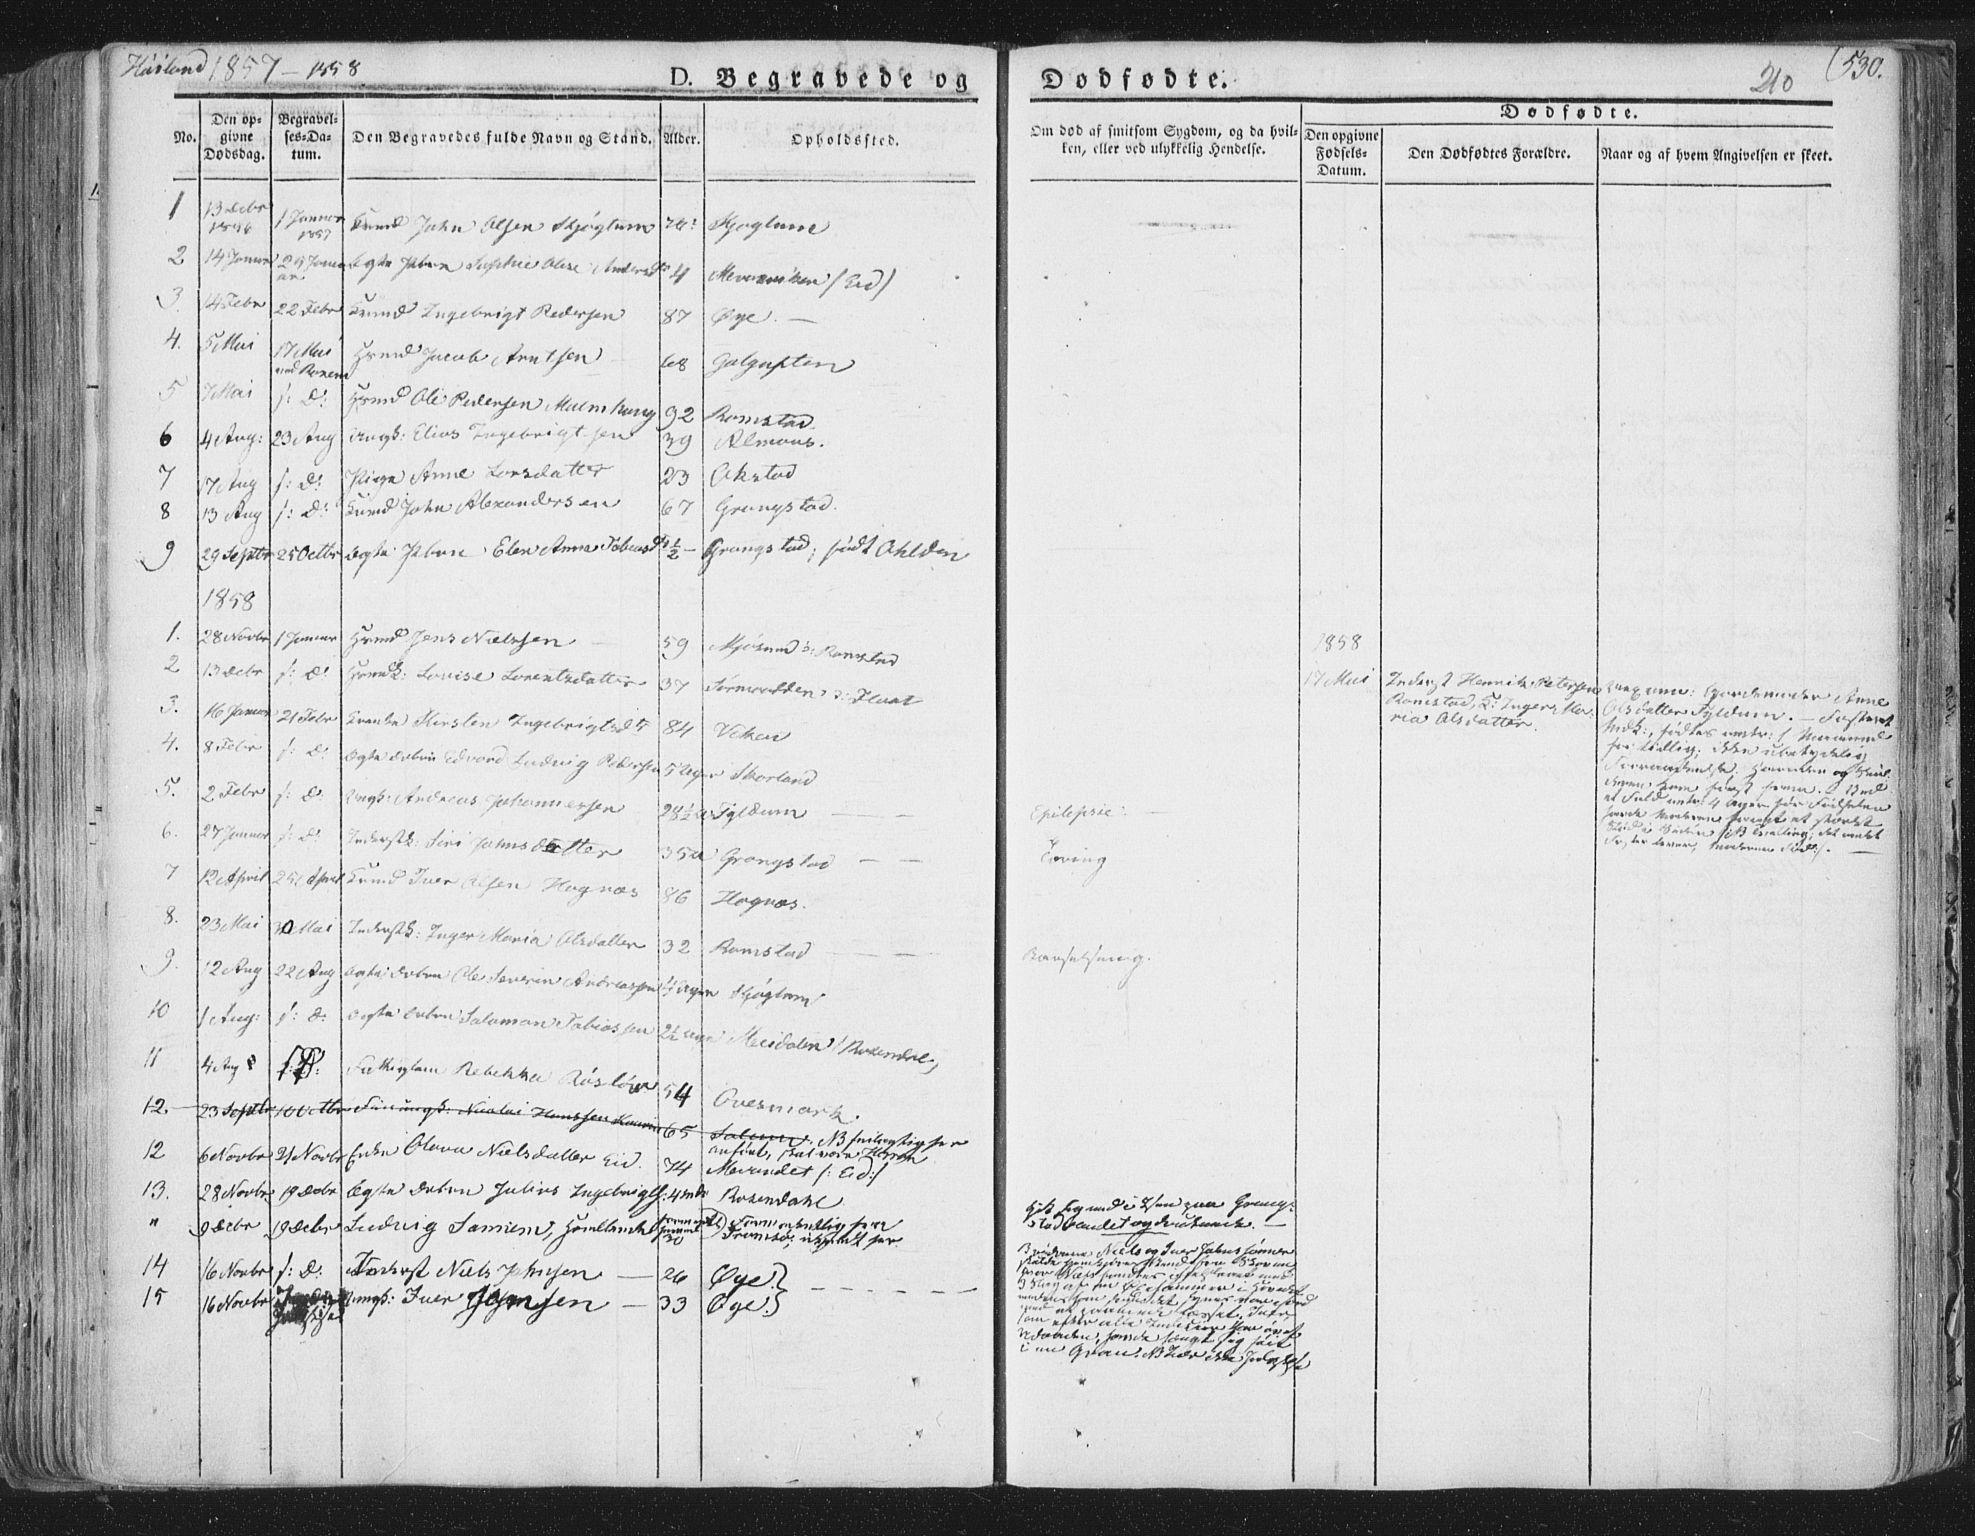 SAT, Ministerialprotokoller, klokkerbøker og fødselsregistre - Nord-Trøndelag, 758/L0513: Ministerialbok nr. 758A02 /2, 1839-1868, s. 210